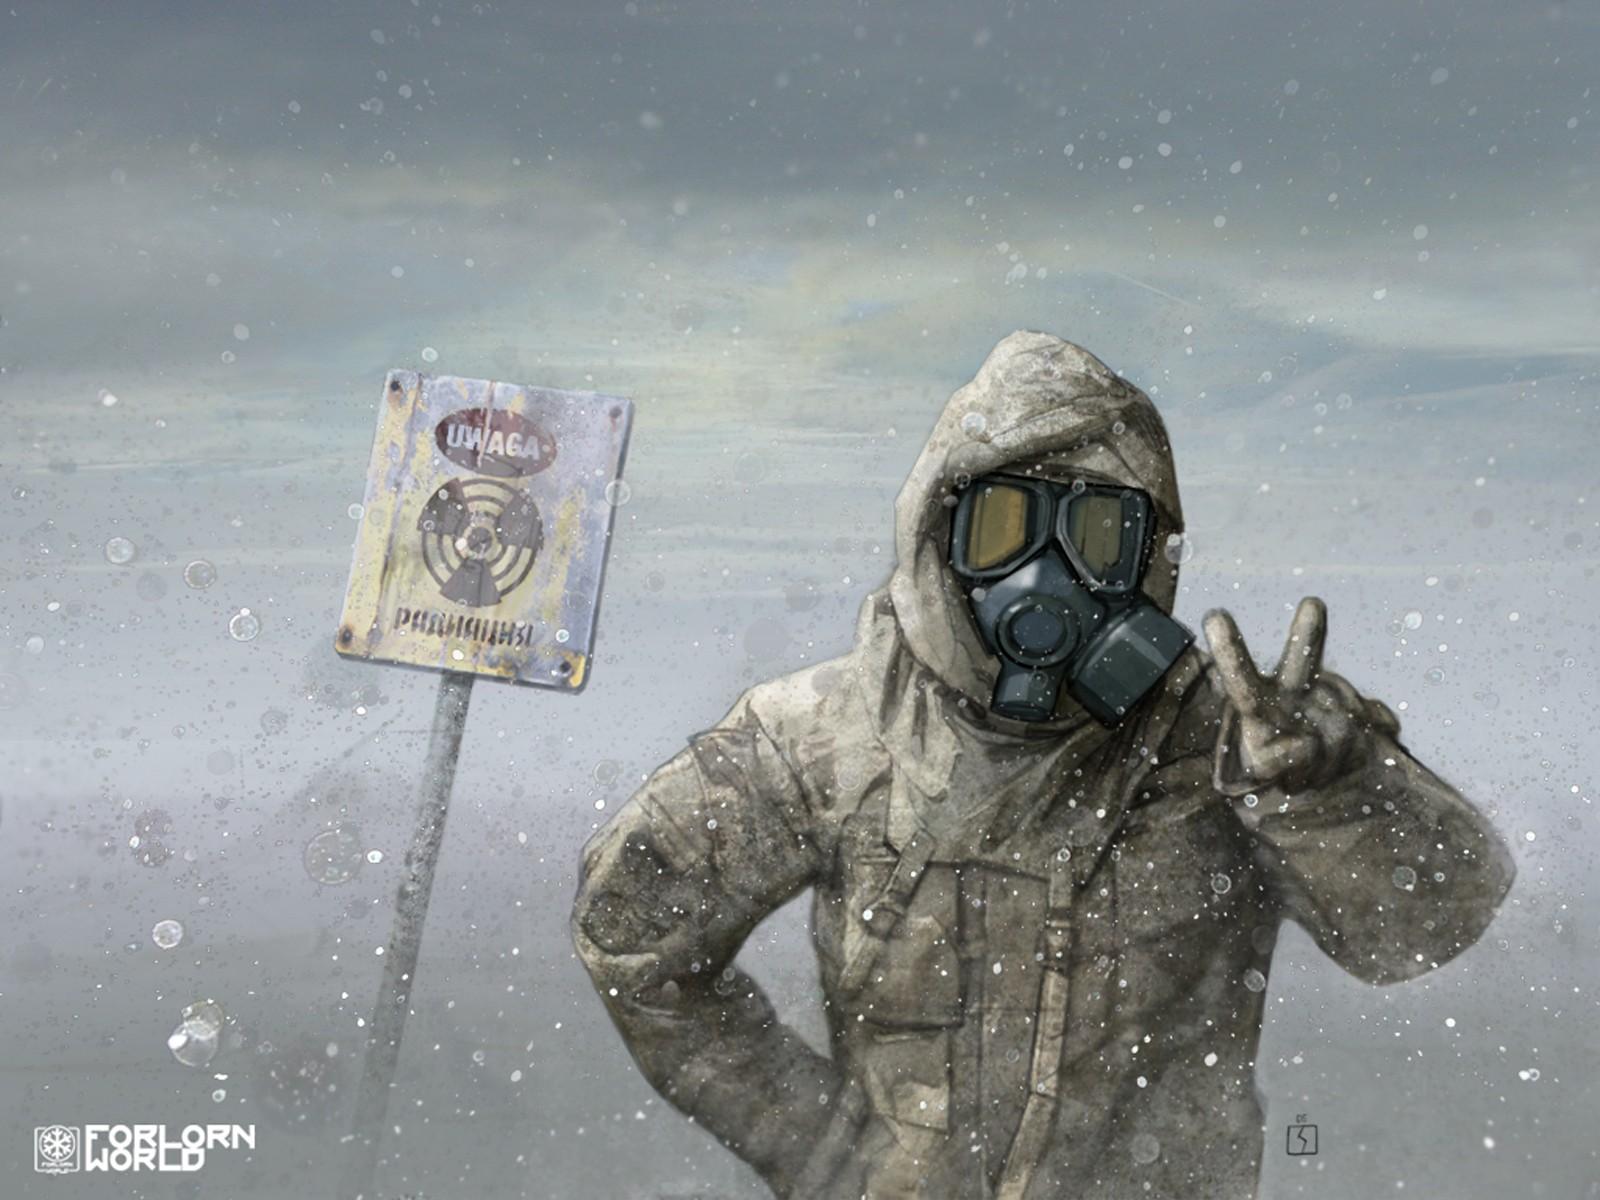 радиационная зима, радиация, снег, фото